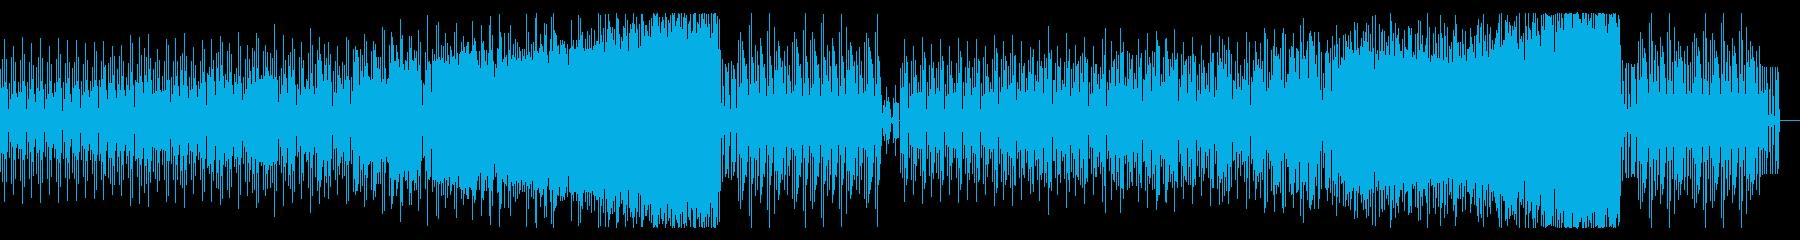 四つ打ちミニマル風BGMの再生済みの波形